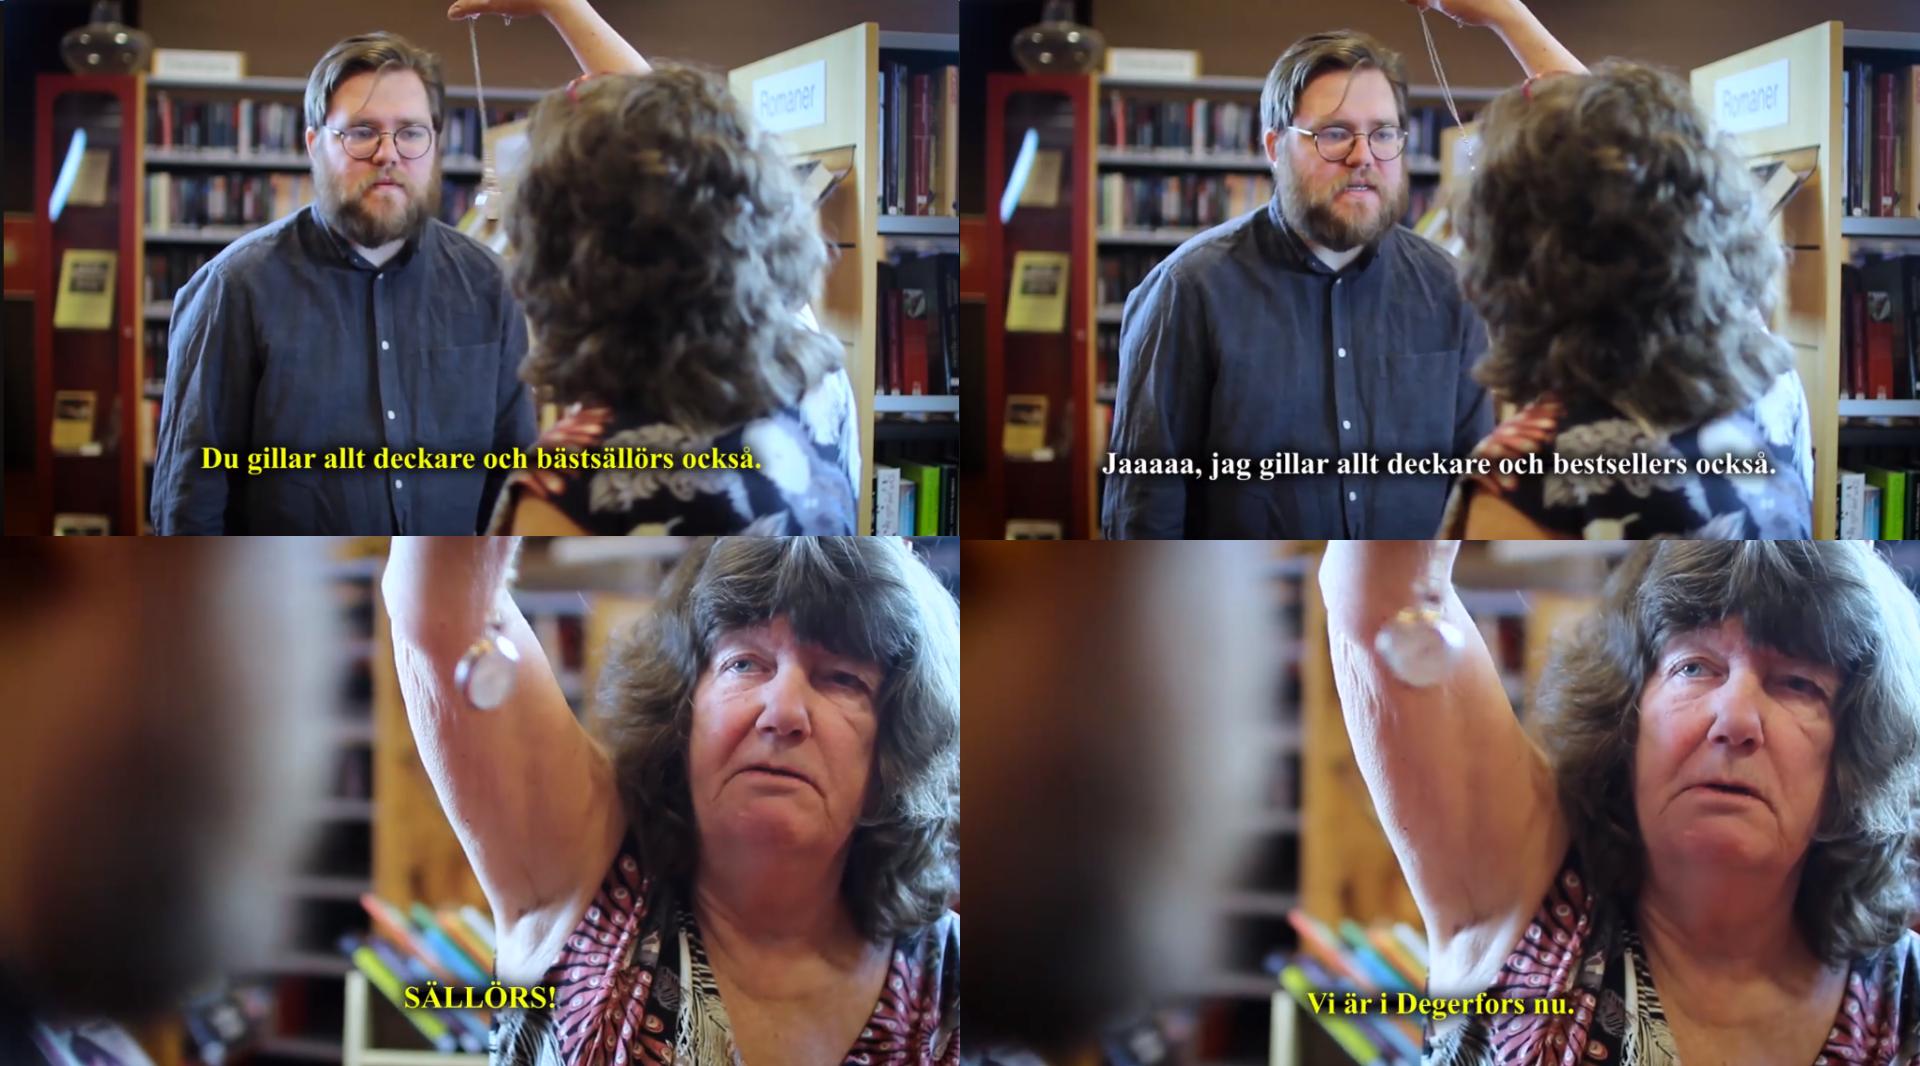 """Skärmdump på fyra rutor ur film av Degerfors bibliotek föreställande en biblioteksmedarbetare som hypnotiserar en kollega. Text i bild ruta ett: """"Du gillar deckare och bästsällörs också."""", text i bild ruta två: """"Jaaaa, jag gillar deckare och bestsellers också."""", text i bild ruta tre: """"SÄLLÖRS!"""", text i bild ruta fyra """"Vi är i Degerfors nu.""""."""